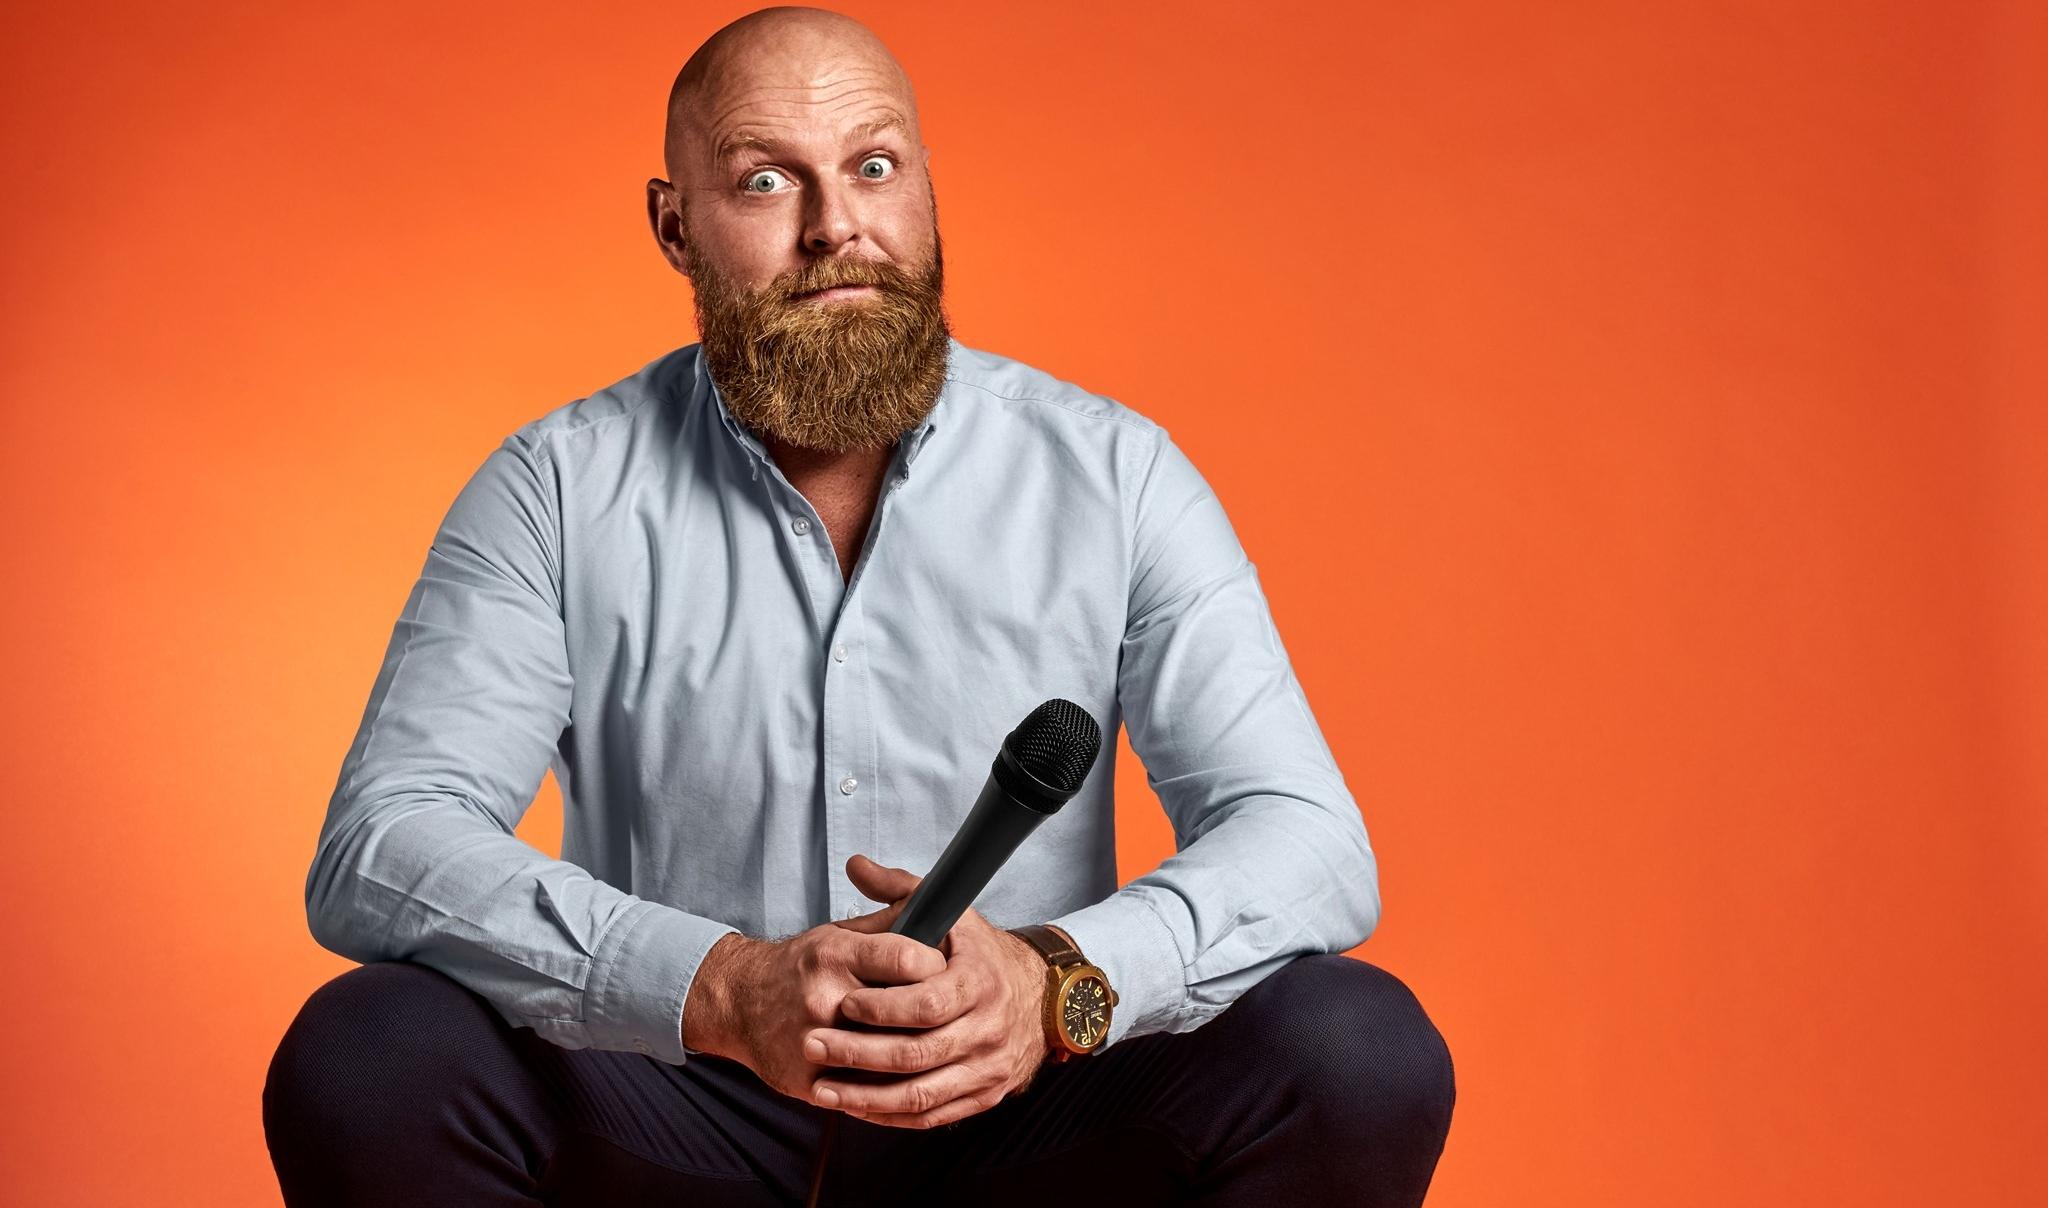 Du kan stadig nå det: Nicolaj Lange laver ekstra show på Skråen